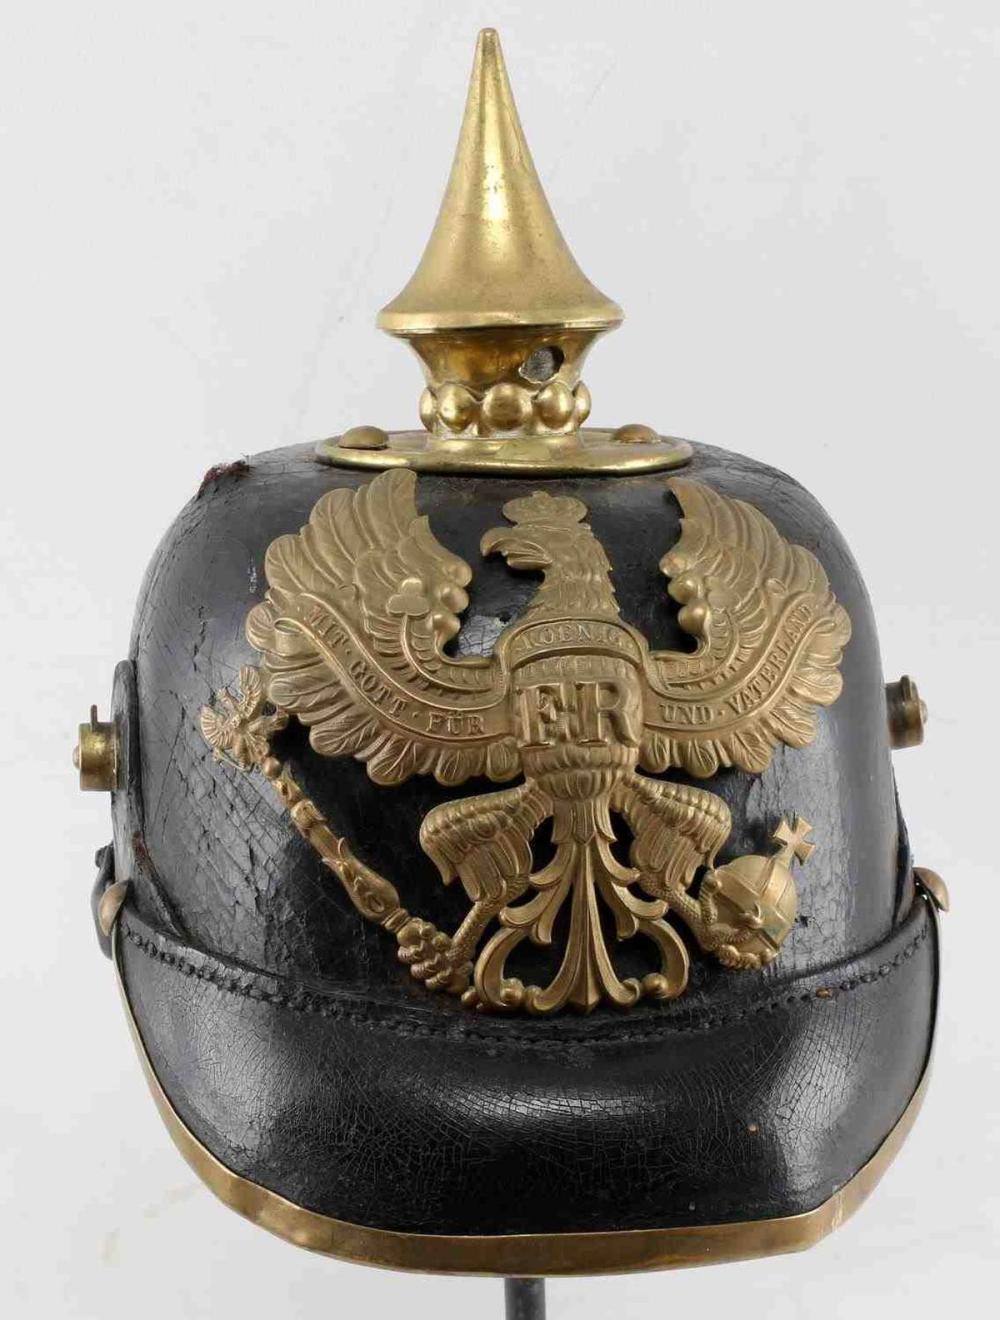 WWI IMPERIAL GERMAN PICKELHAUBE HELMET